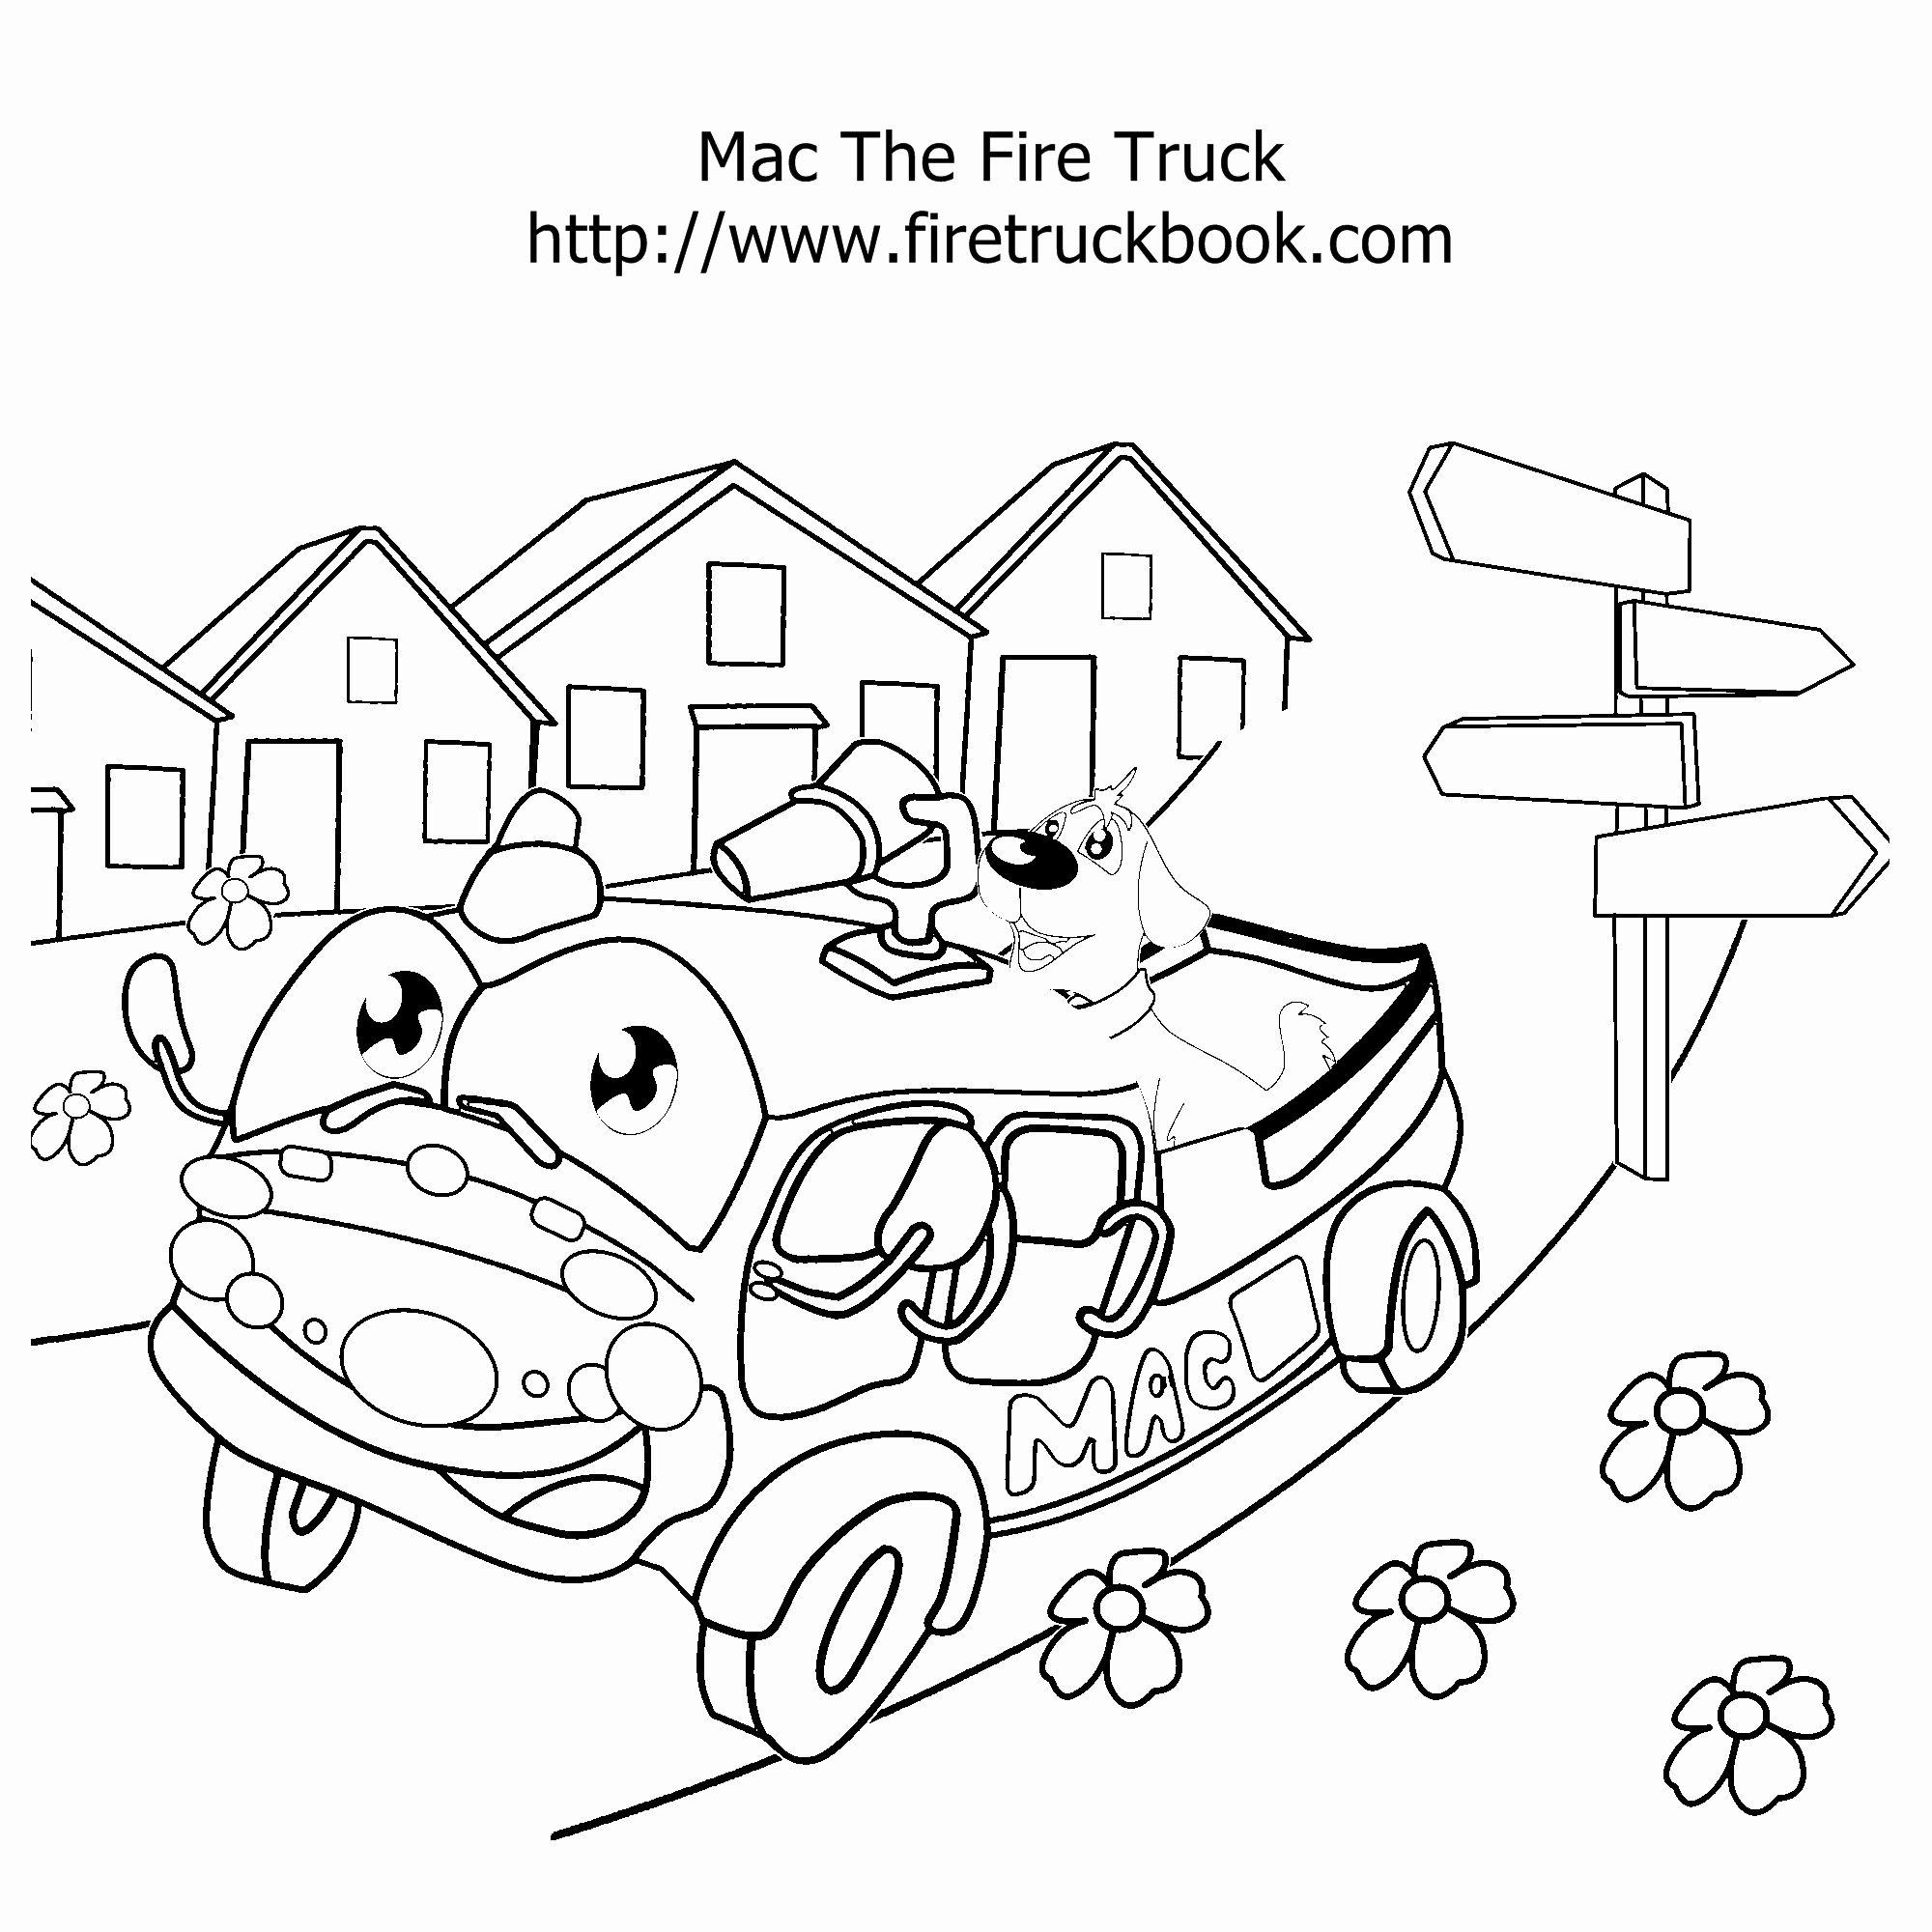 Fire Truck Coloring Pages Pdf Unique Fire Truck Coloring Pages Getcoloringpages Truck Coloring Pages Monster Truck Coloring Pages Airplane Coloring Pages